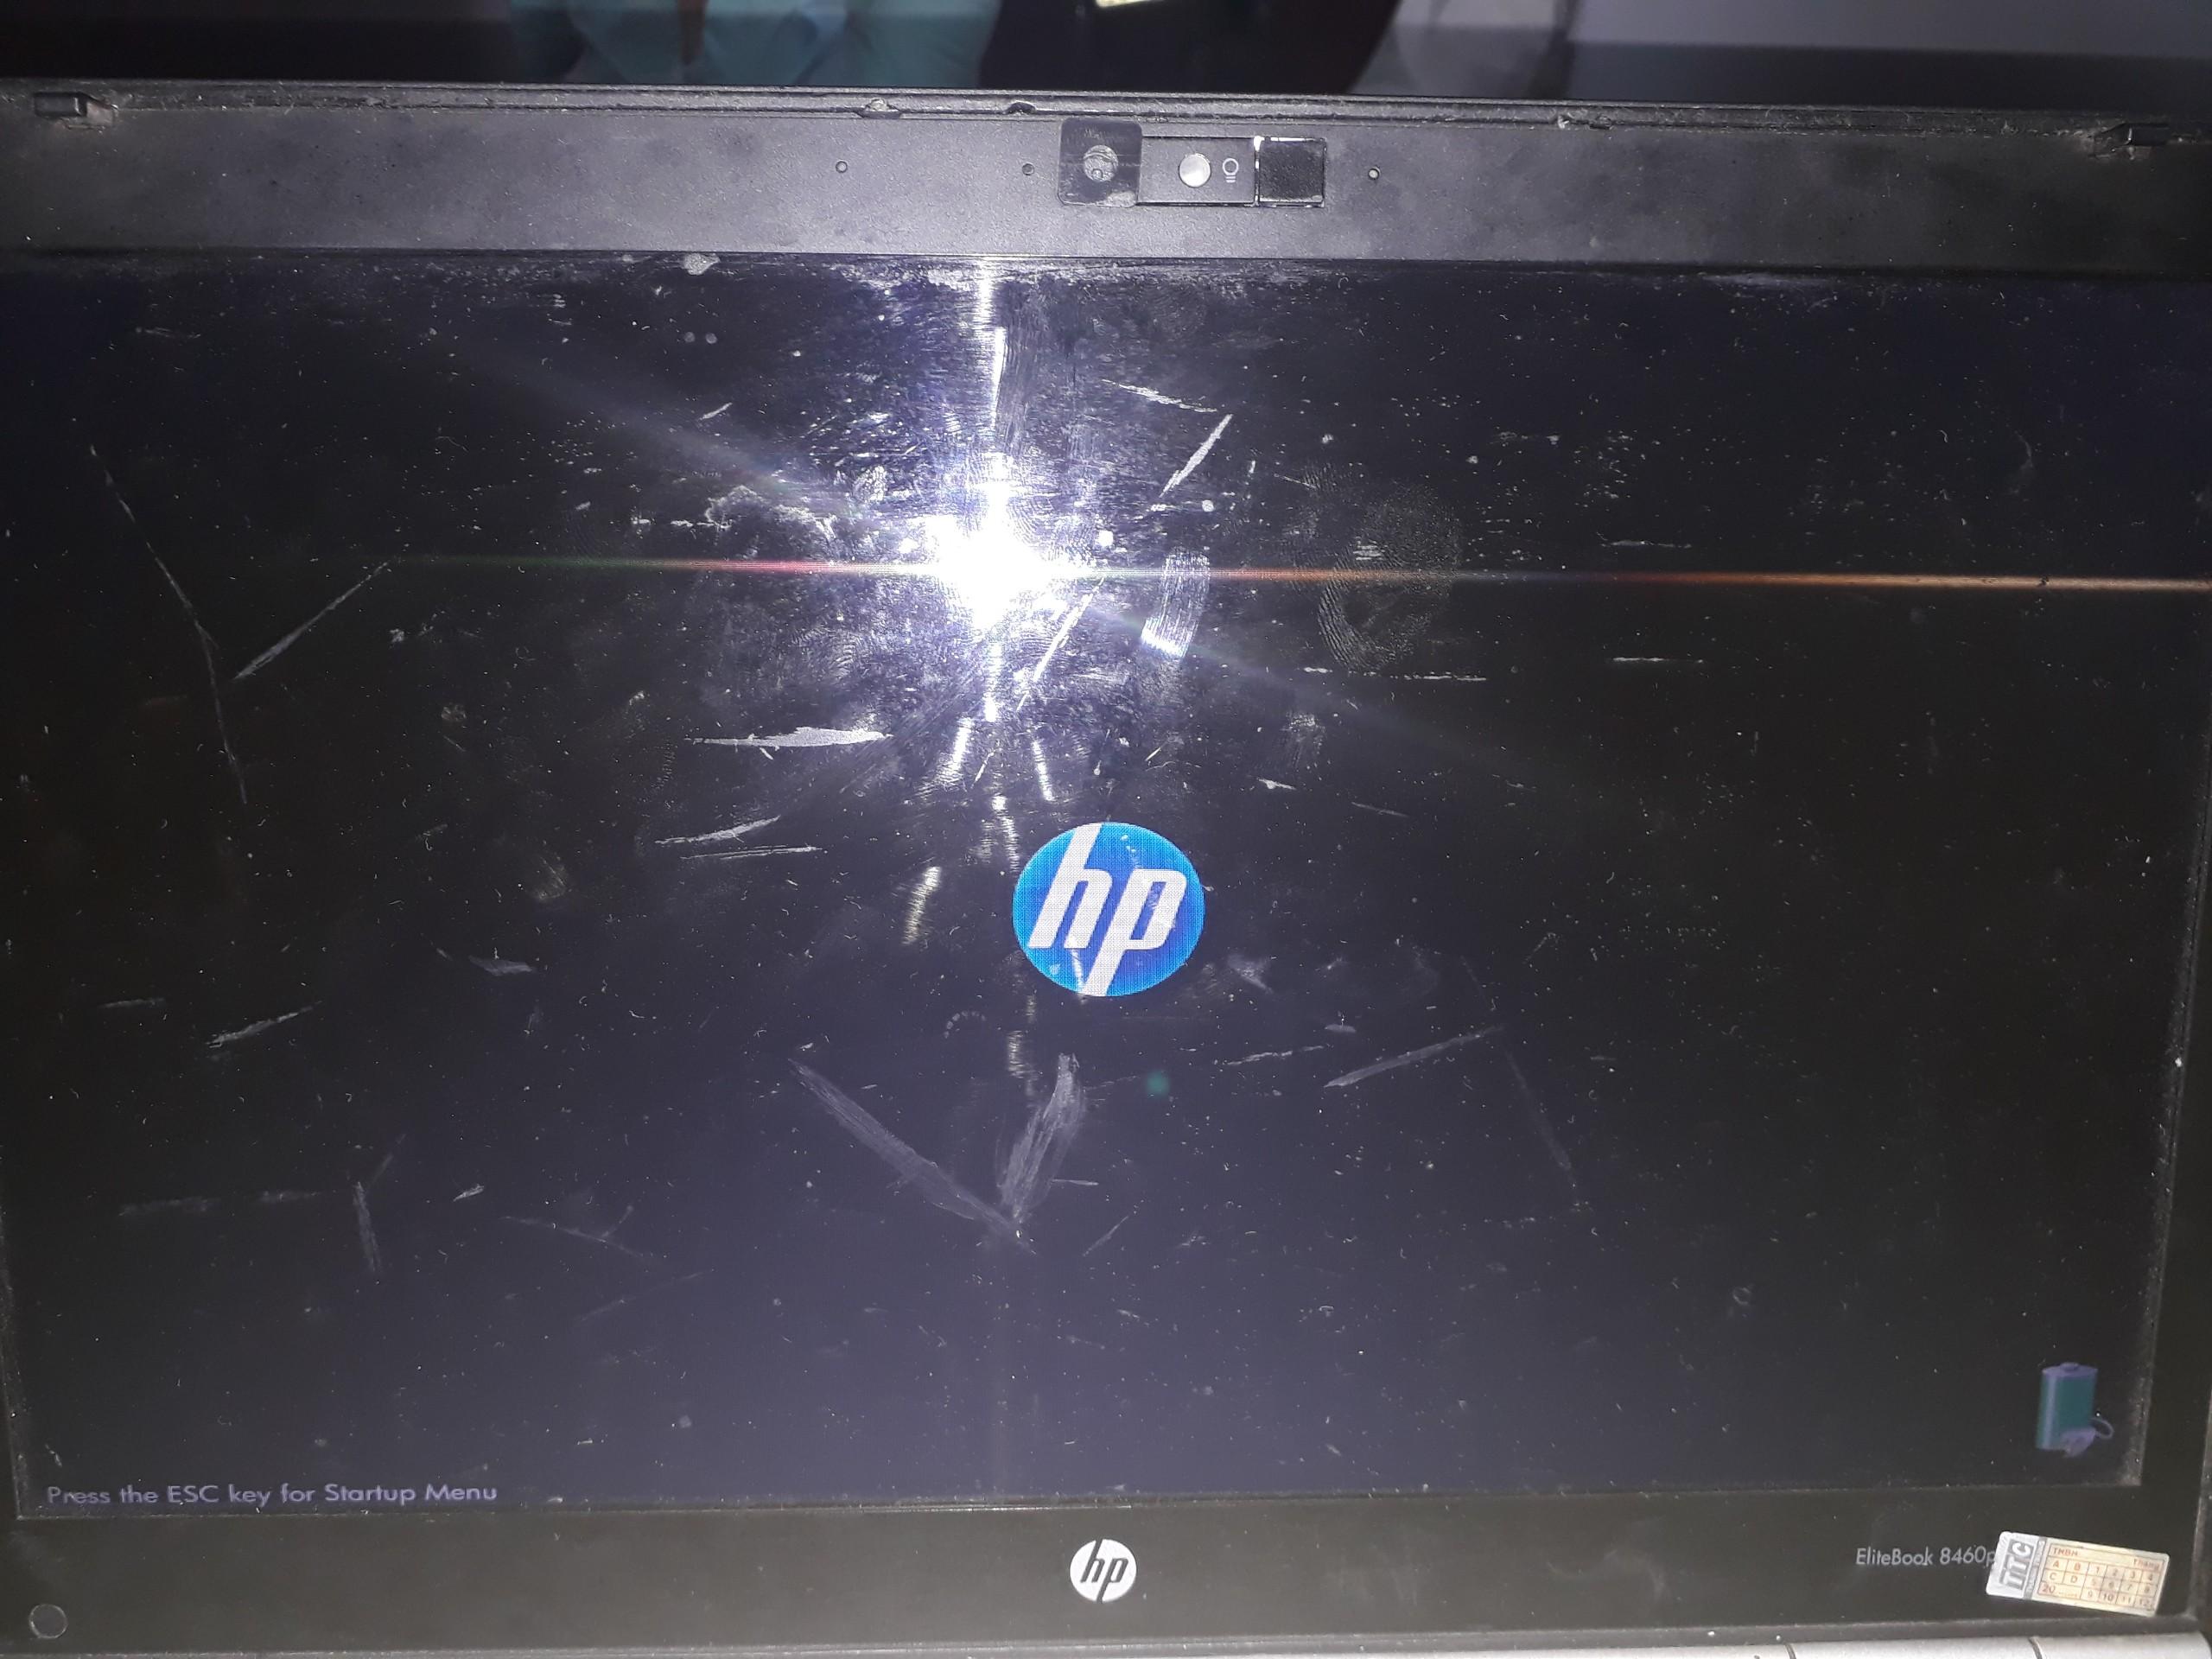 Sửa lỗi máy tính bị khởi động lại liên tục không đăng nhập được vào Window